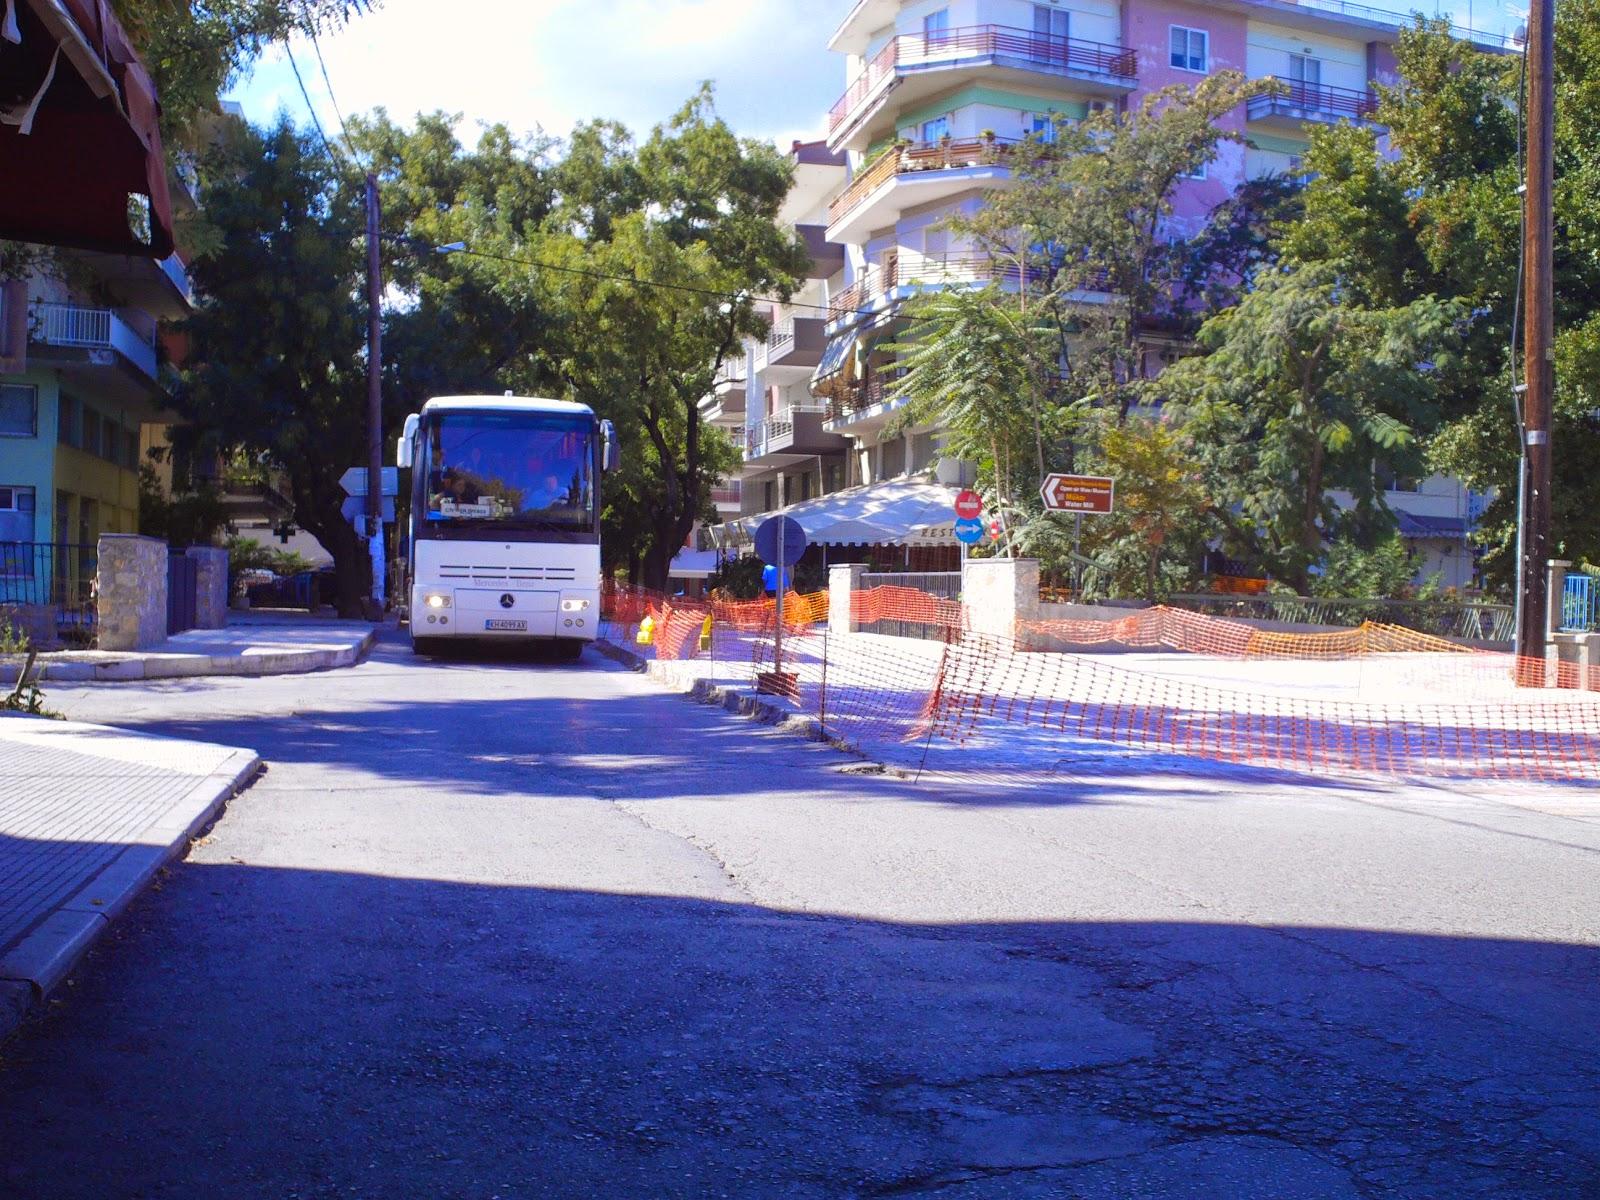 Τουριστικά λεωφορεία προτιμούν άλλους προορισμούς από την Έδεσσα, λόγω των δρόμων που έκλεισαν οι αναπλάσεις ποταμοβραχιόνων